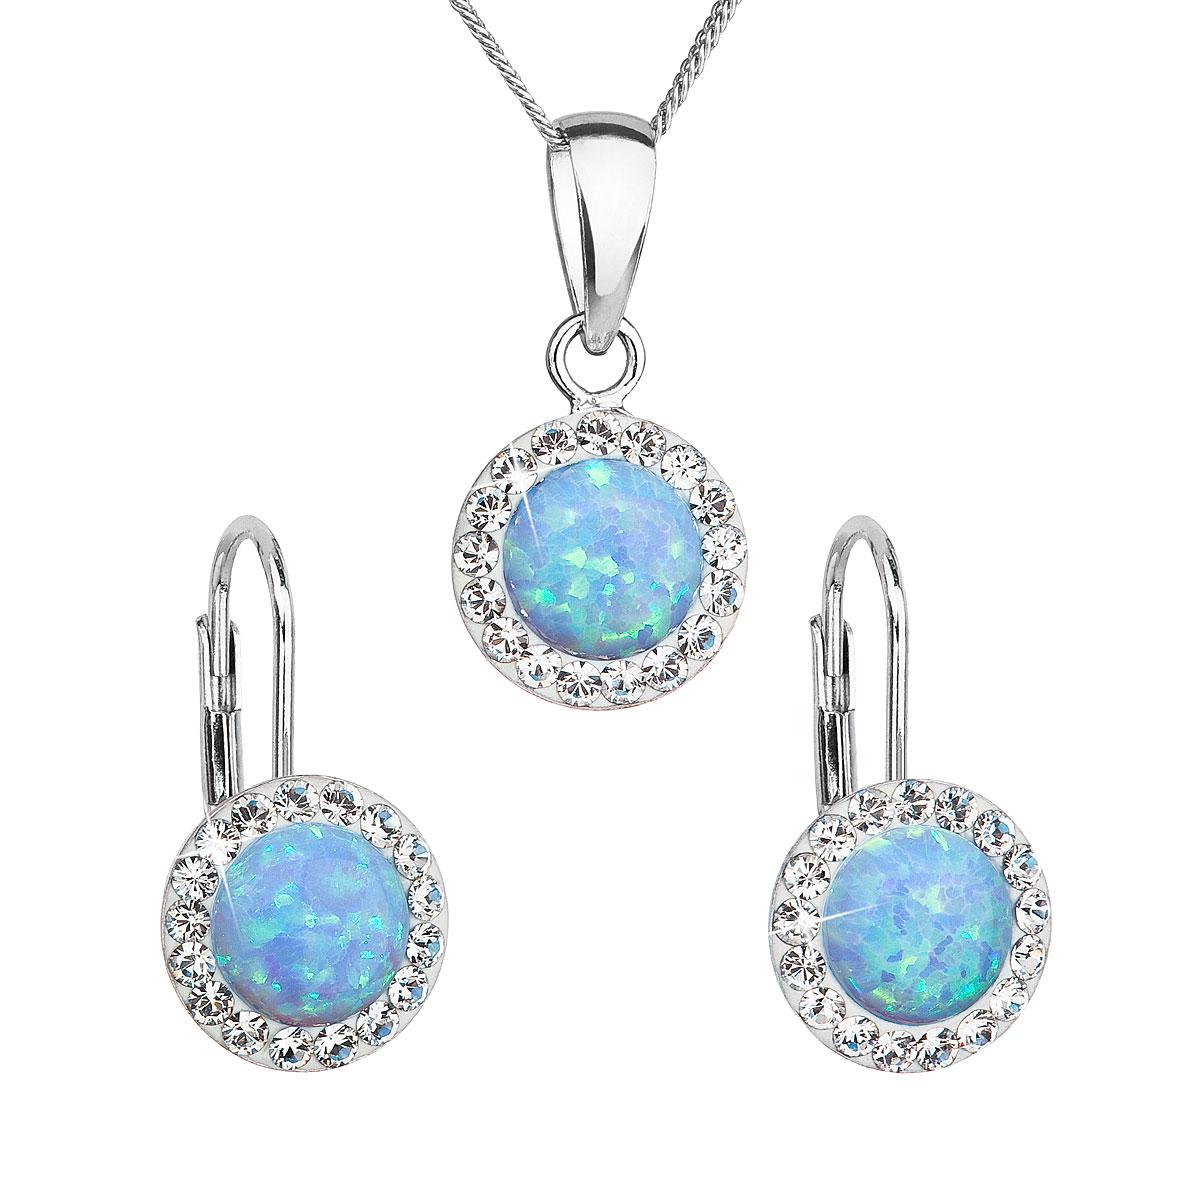 Evolution Group Sada šperků se syntetickým opálem a krystaly Swarovski náušnice a přívěšek světle modré kulaté 39160.1